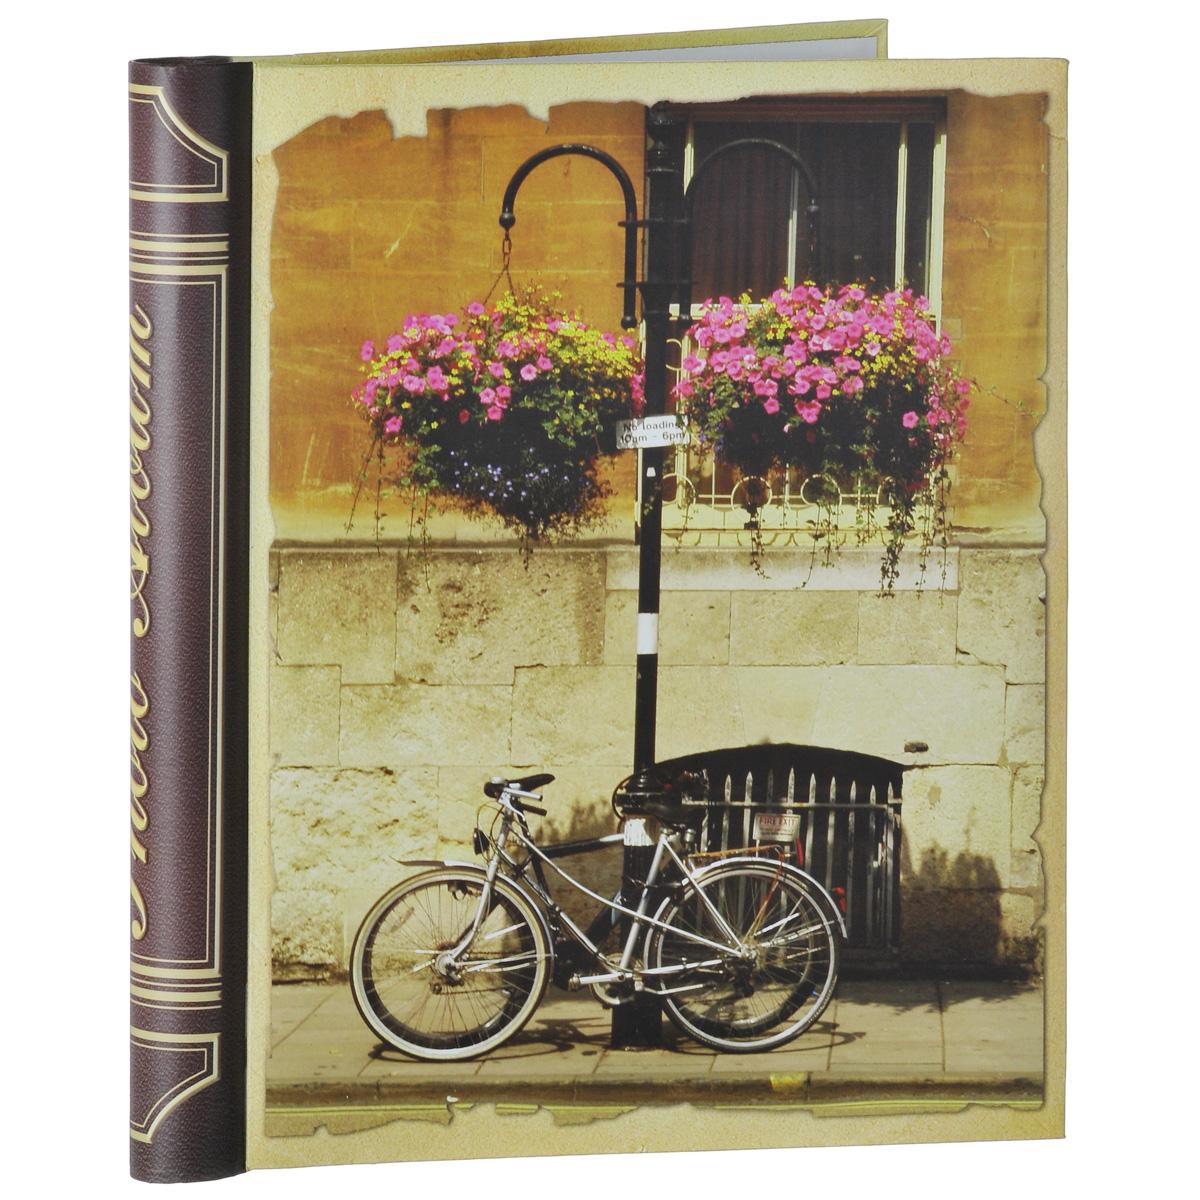 Фотоальбом Феникс-презент Велосипед, на кольцах, 10 магнитных листов, 24,5 х 29 см38774Фотоальбом Феникс-презент Велосипед, изготовленный из картона с клеевым покрытием и пленки ПВХ, сохранит моменты ваших счастливых мгновений на своих страницах! Обложка альбома оформлена изображением велосипеда. Листы размещены на пластиковых кольцах. Альбом с магнитными листами удобен тем, что он позволяет размещать фотографии разных размеров. Магнитные страницы обладают следующими преимуществами: - Не нужно прикладывать усилий для закрепления фотографий, - Не нужно заботиться о размерах фотографий, так как вы можете вставить в альбом фотографии разных размеров, - Защита фотографий от постоянных прикосновений зрителей с помощью пленки ПВХ. Нам всегда так приятно вспоминать о самых счастливых моментах жизни, запечатленных на фотографиях. Поэтому фотоальбом является универсальным подарком к любому празднику. Вашим родным, близким и просто знакомым будет приятно помещать фотографии в этот альбом. Количество листов:...